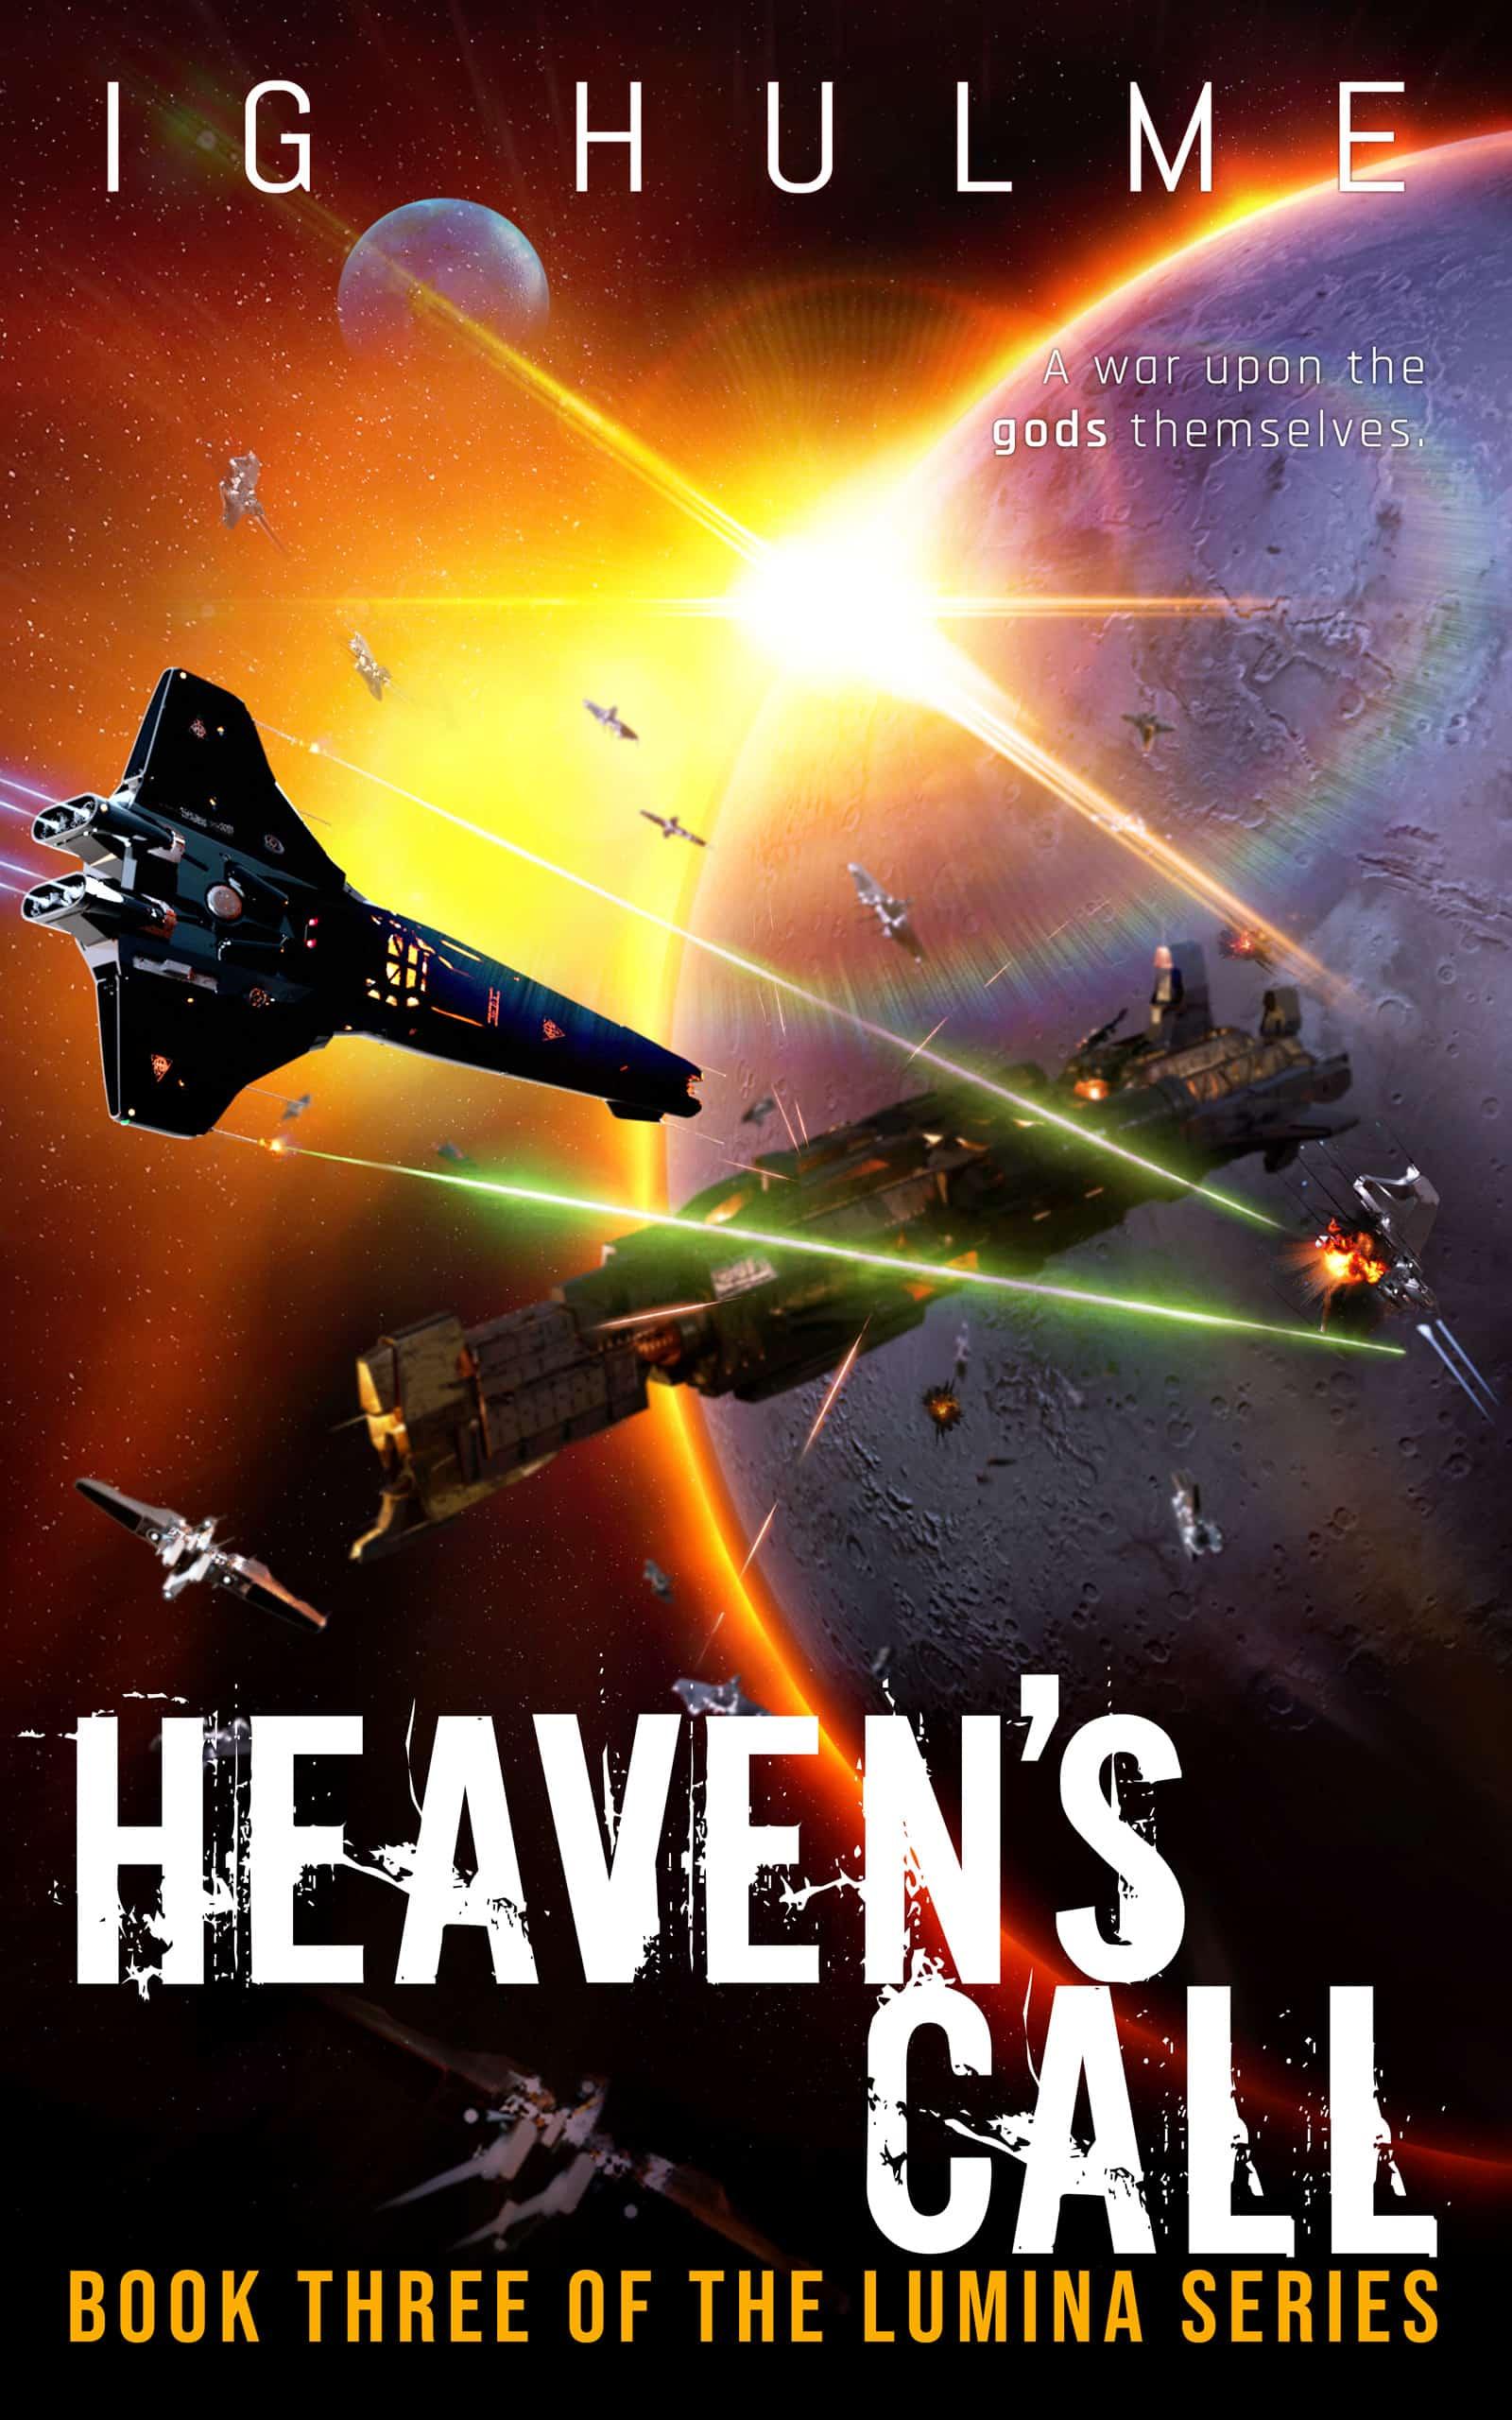 HEAVEN'S CALL - LUMINA Book 3 by I.G. Hulme